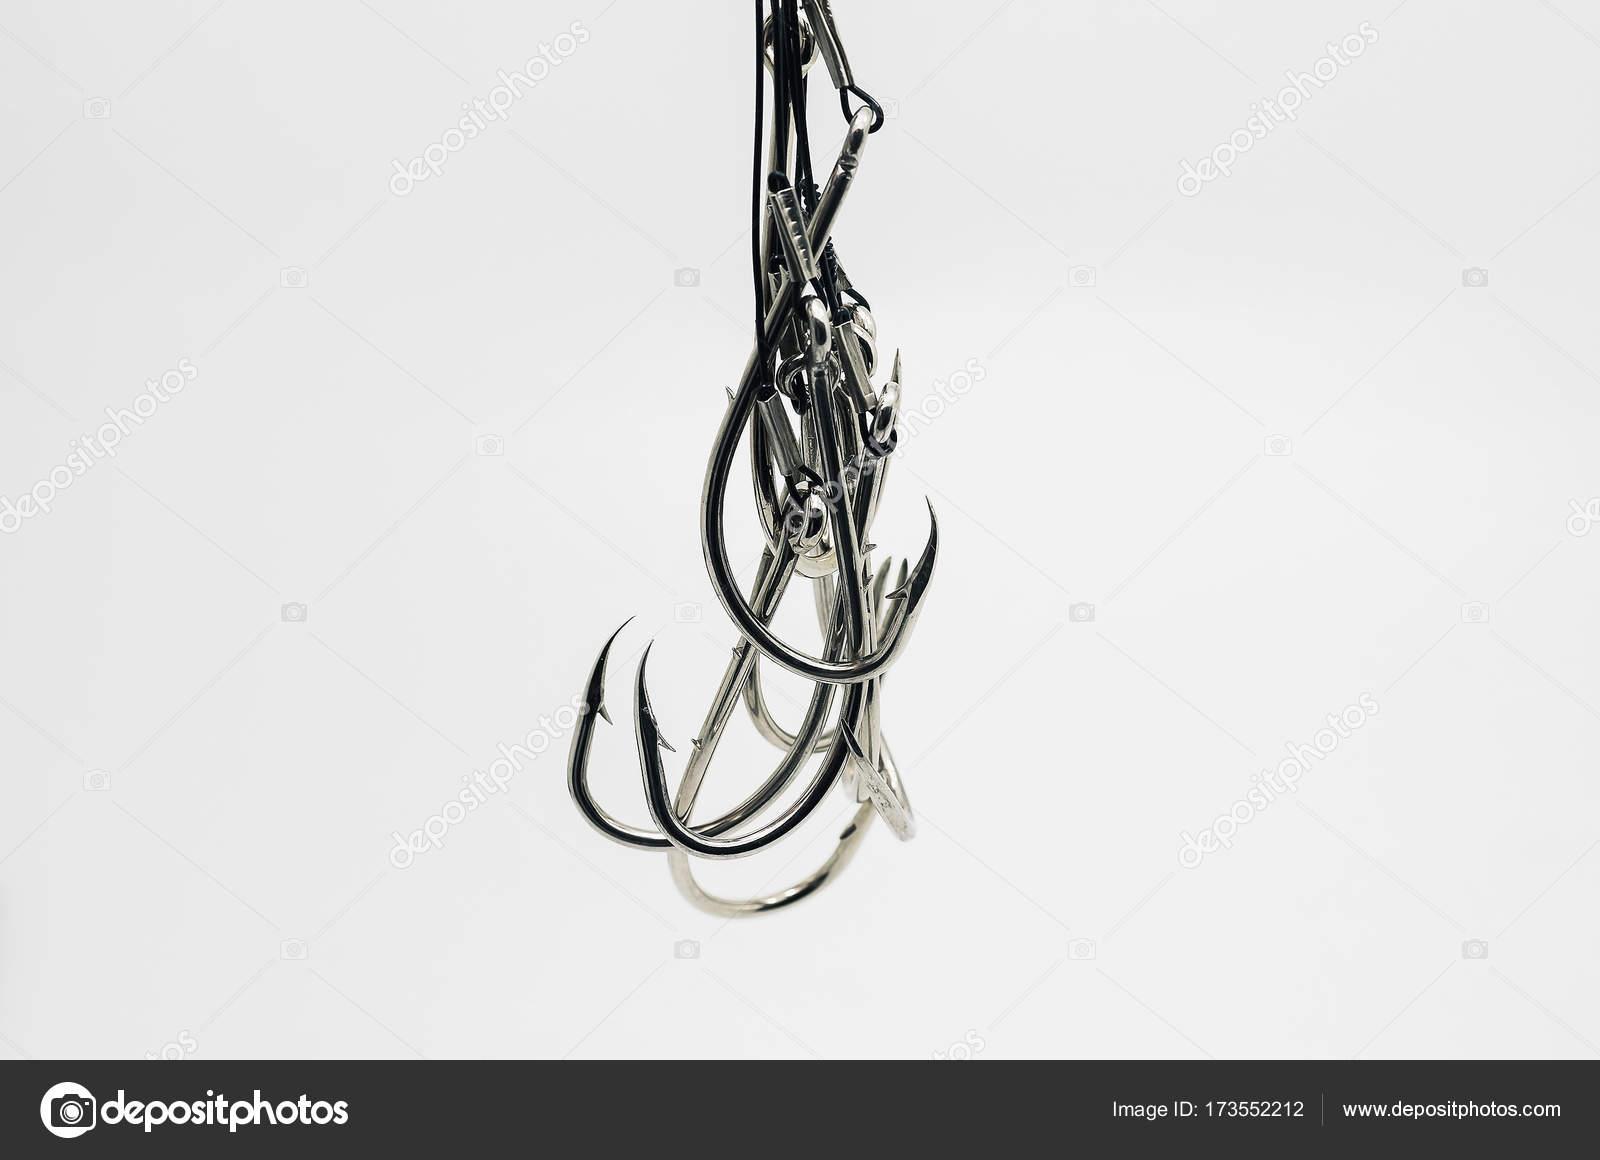 Angeln Haken Link bereit gemacht, am Stahlseil gebunden — Stockfoto ...